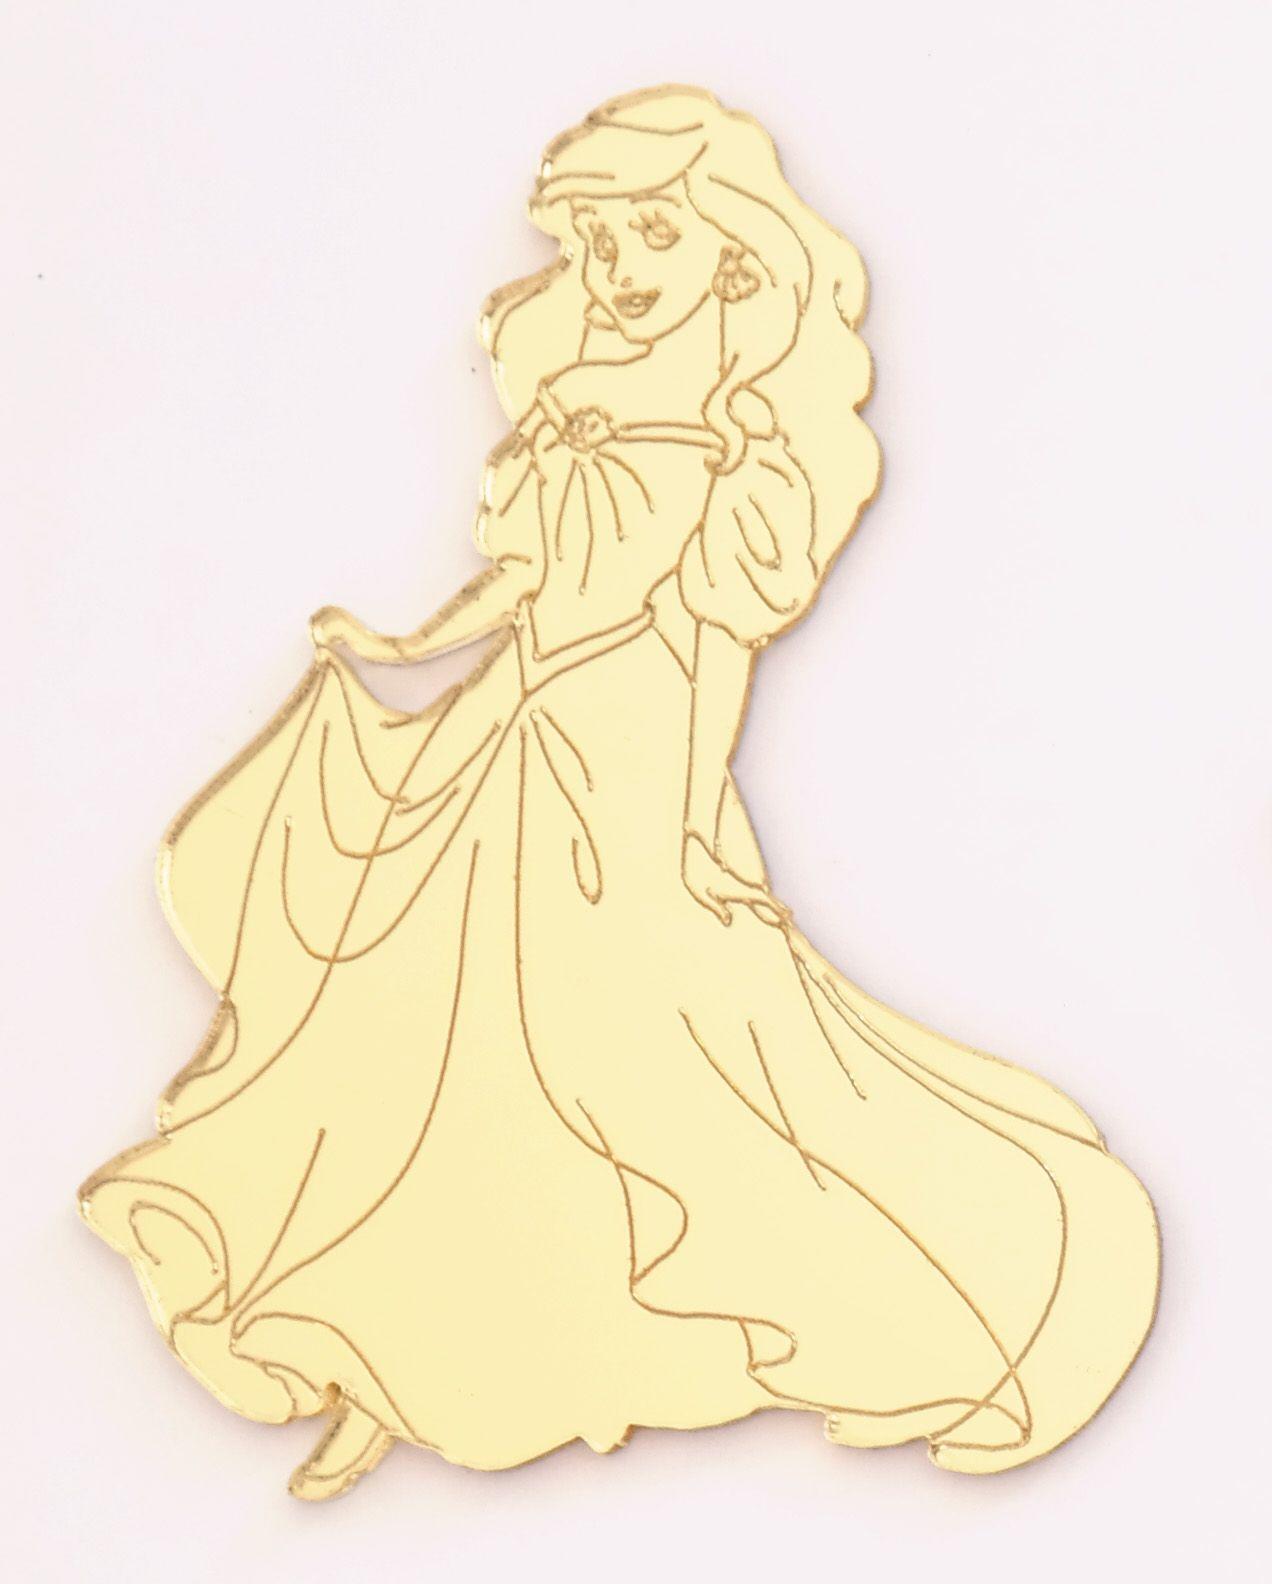 Aplique em acrílico espelhado - Princesa Ariel 01 - 5cm - 10 peças